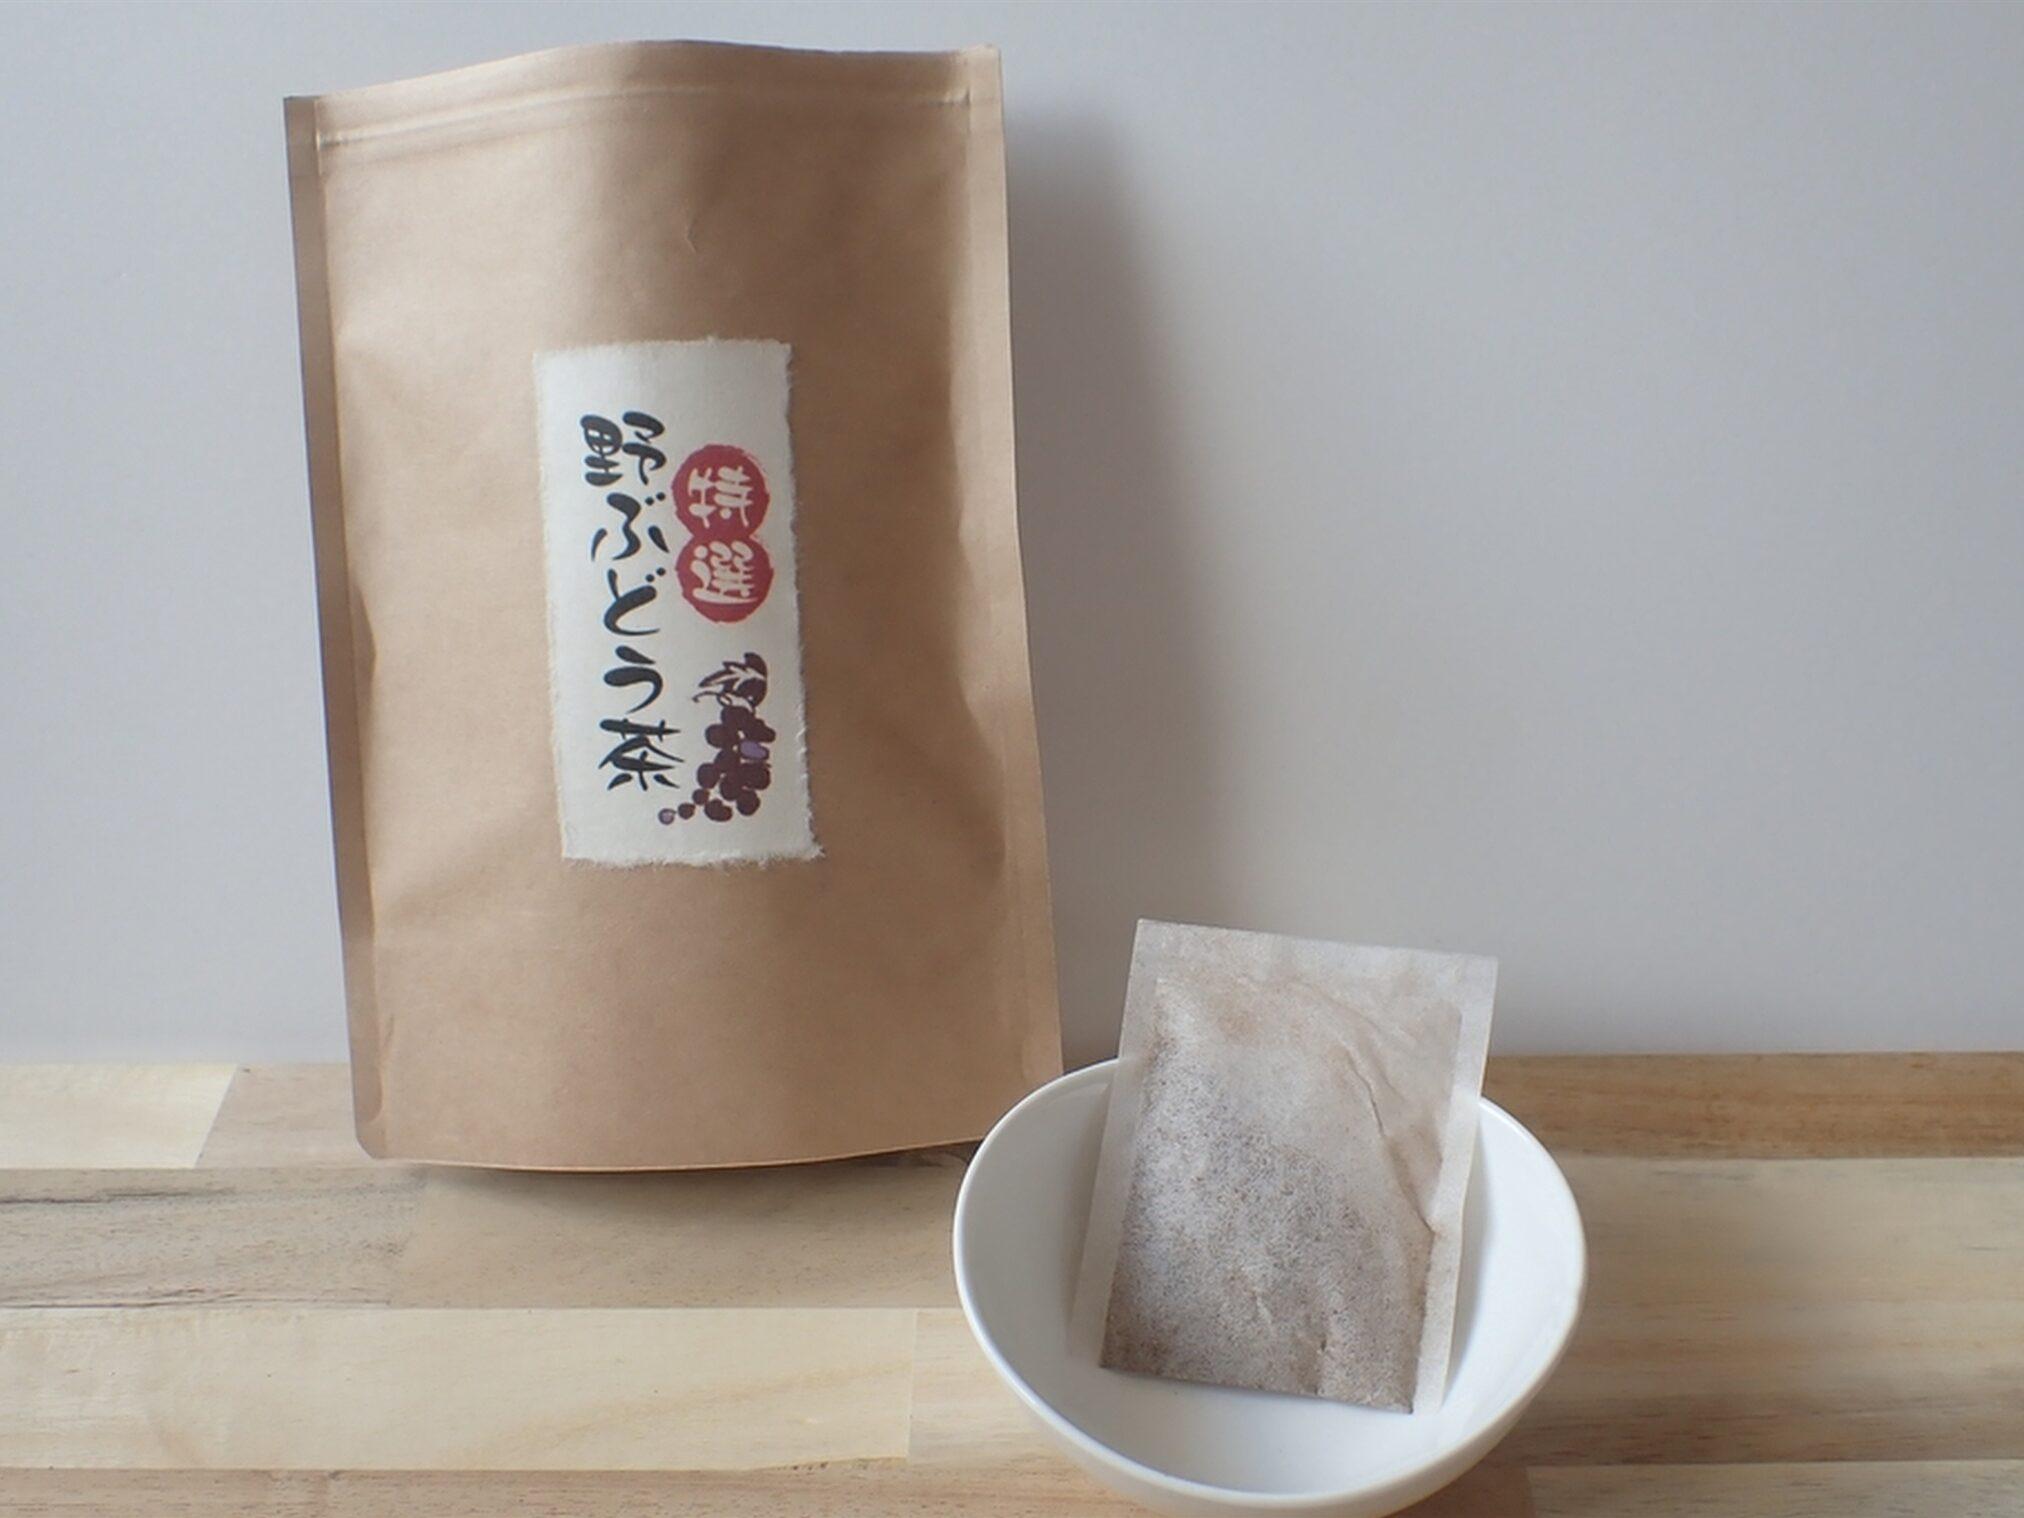 特選 野ぶどう茶(馬ぶどう茶) 血圧・むくみ・肝臓のサポートに良い国産の野ぶどう茶です